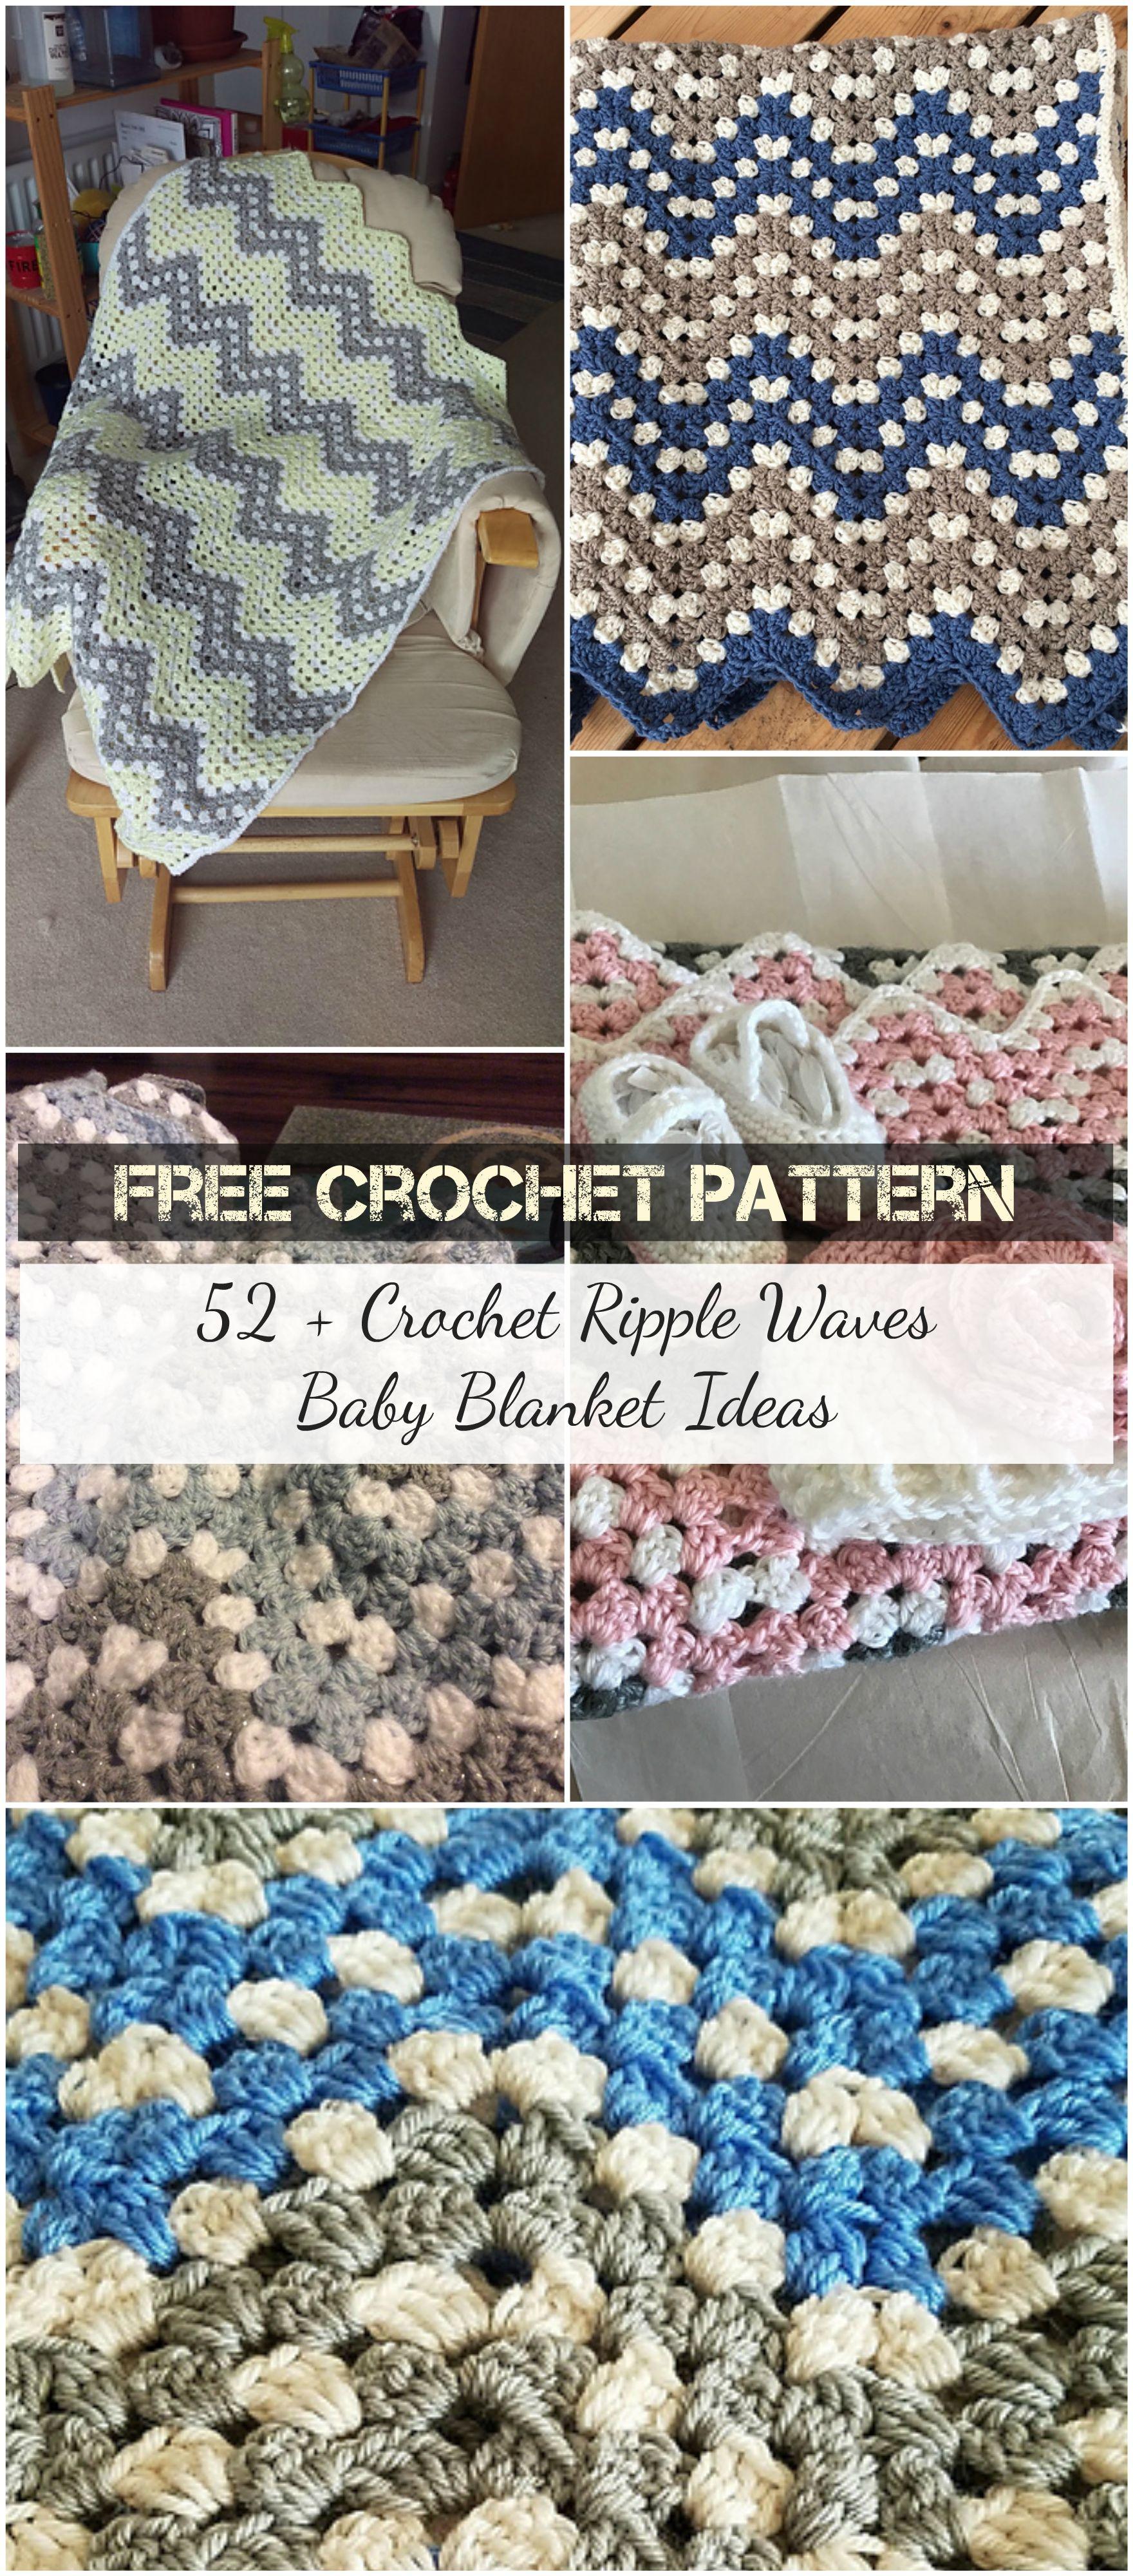 52 + Crochet Ripple Waves Baby Blanket Ideas #crochet #freepatterns ...